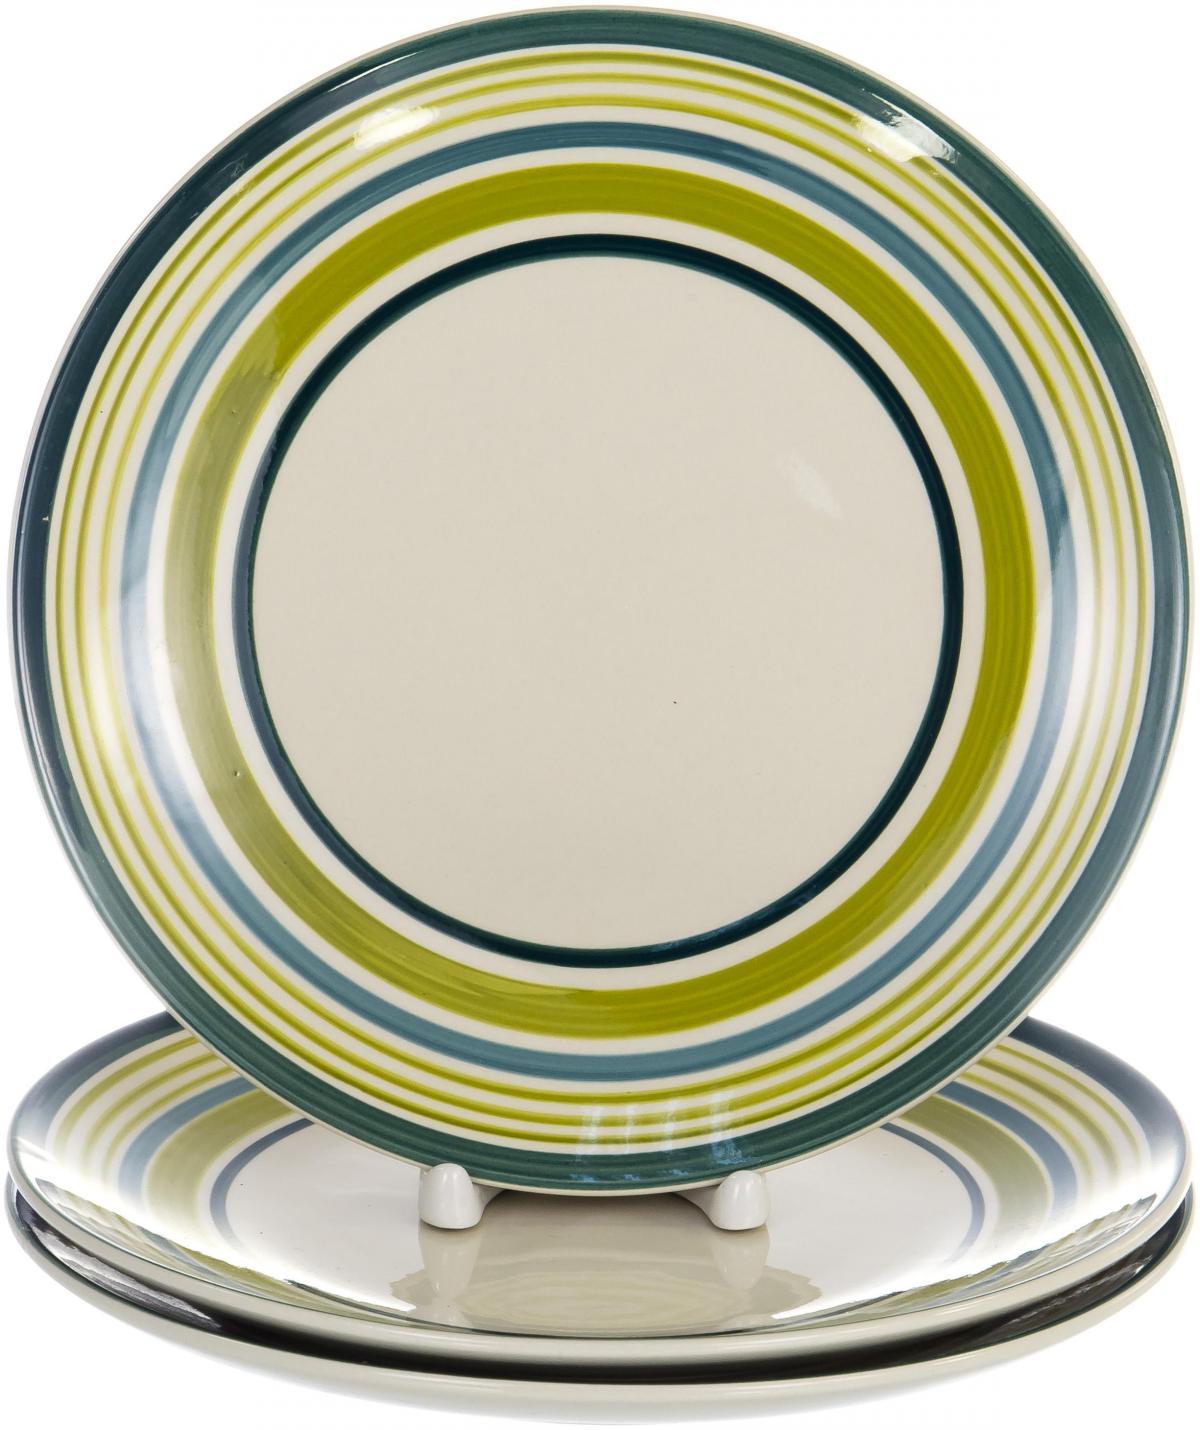 Набор столовой посуды Elrington Меридианы, 3 предмета. GA-9FP3SW-03GA-9FP3SW-03МЕРИДИАНЫ, набор 3 мелк.тарелки 220мм, упаковка - белый бокс